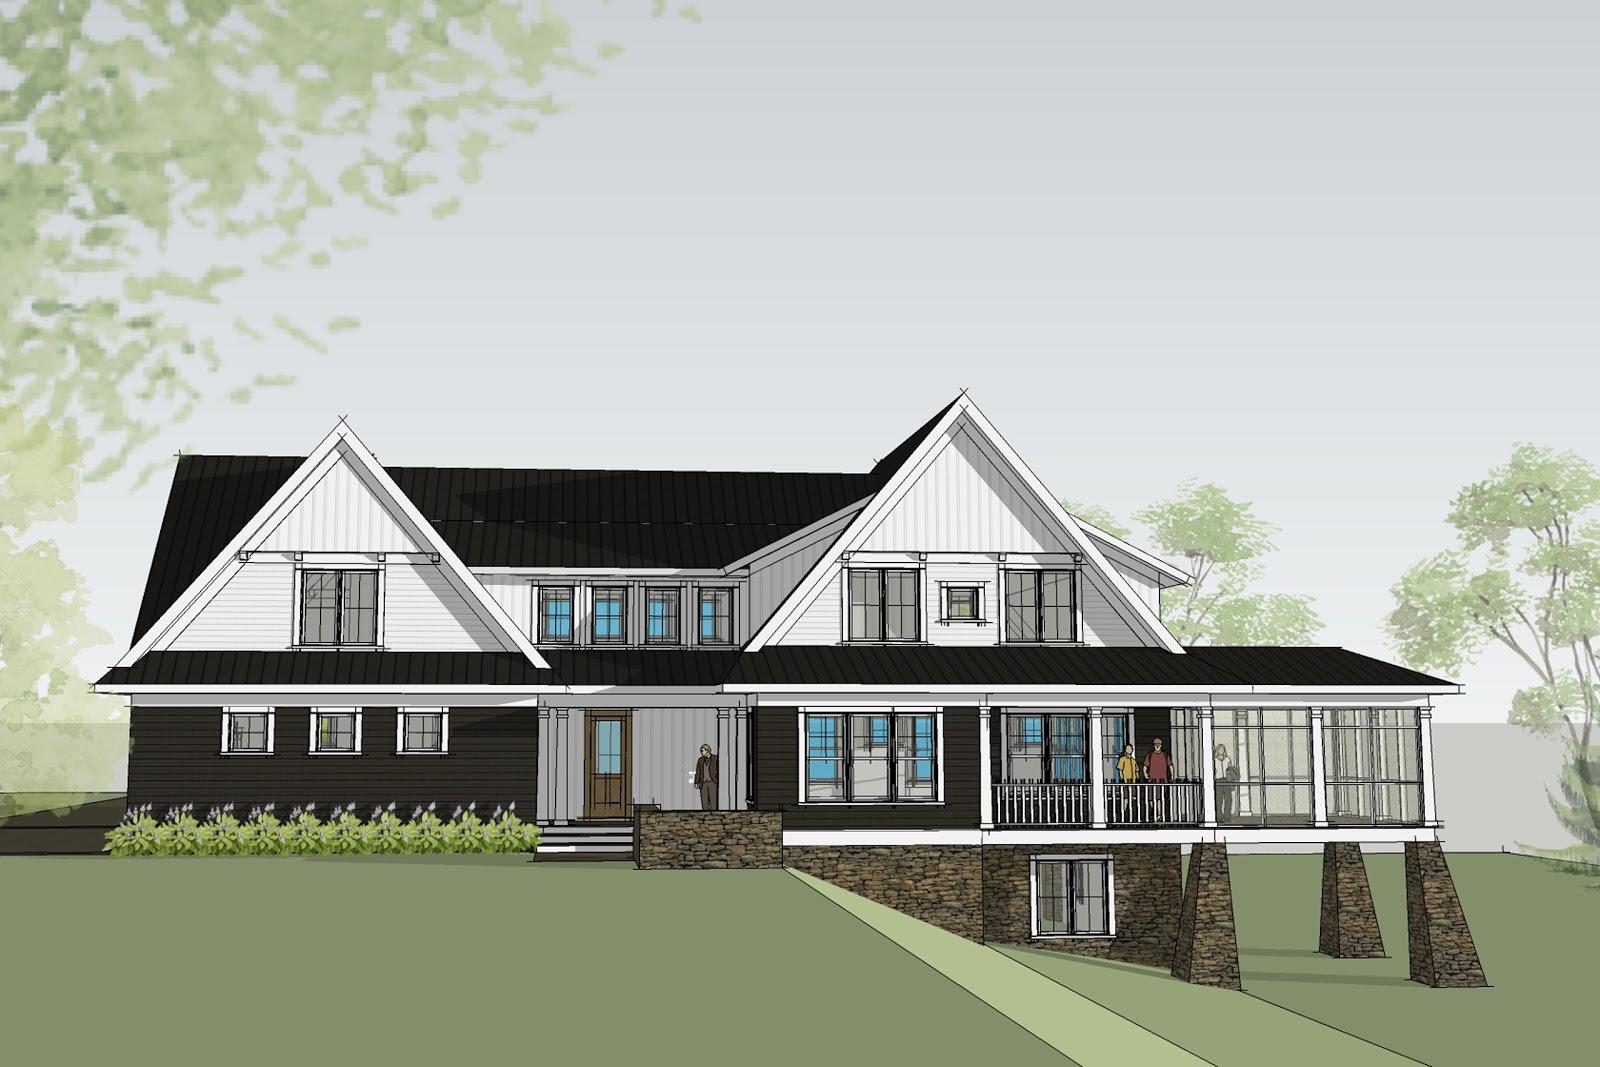 simply elegant home designs blog january 2012. Black Bedroom Furniture Sets. Home Design Ideas